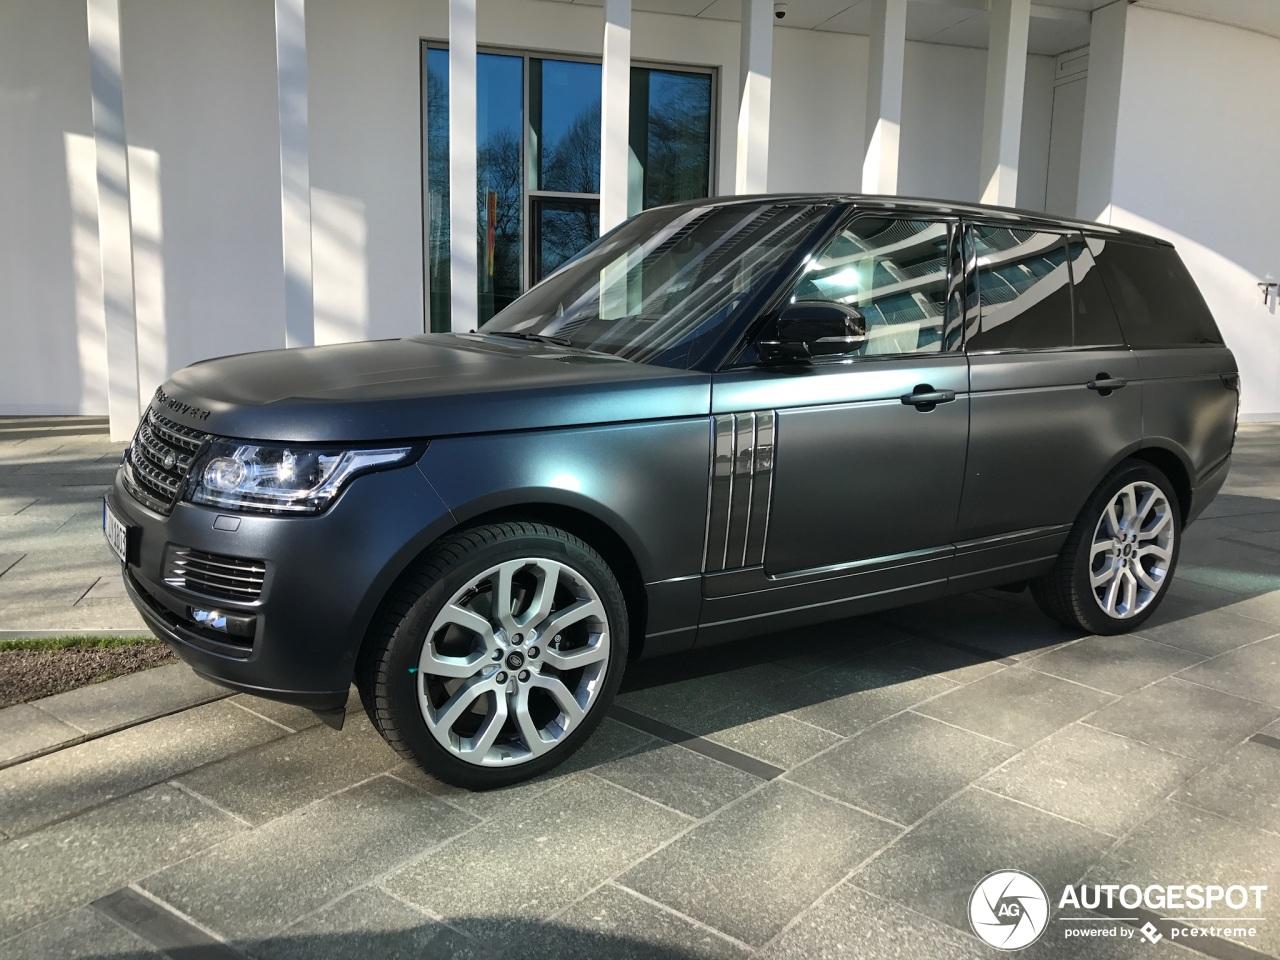 Range Rover SVAutobiography blijft de koning